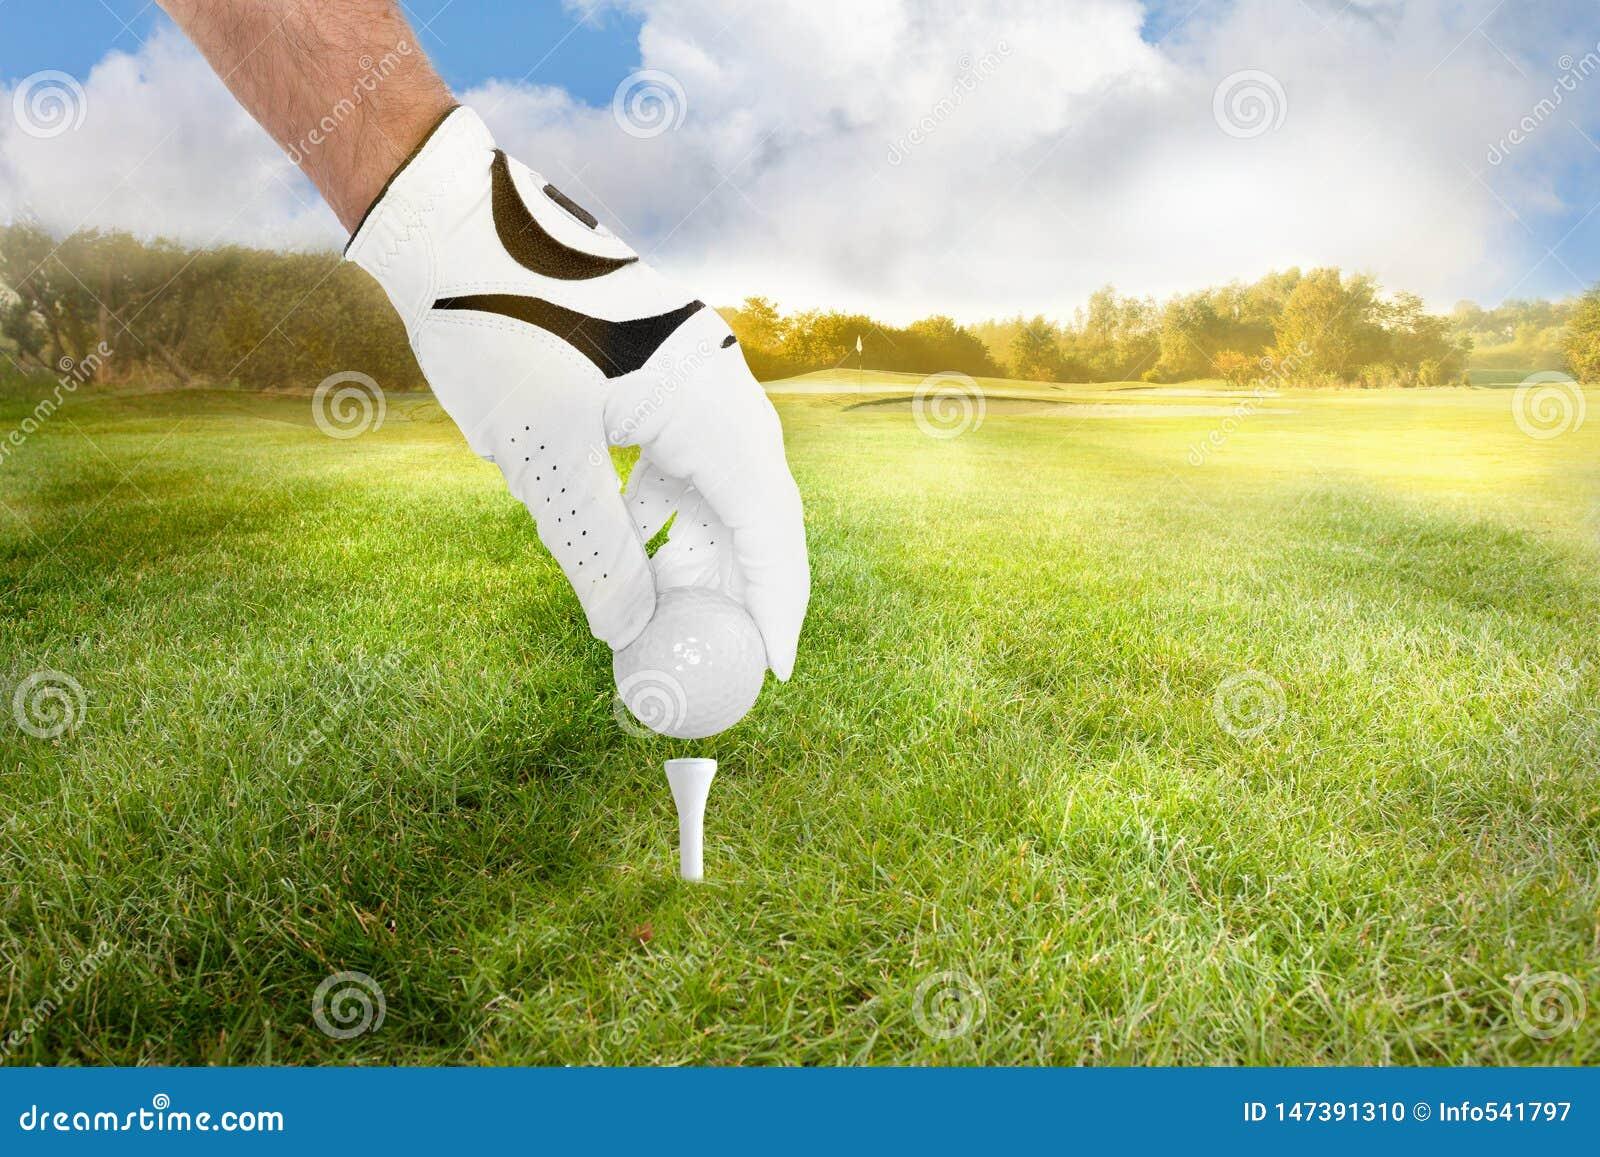 高尔夫球运动员位置高尔夫球的手在发球区域的在航路